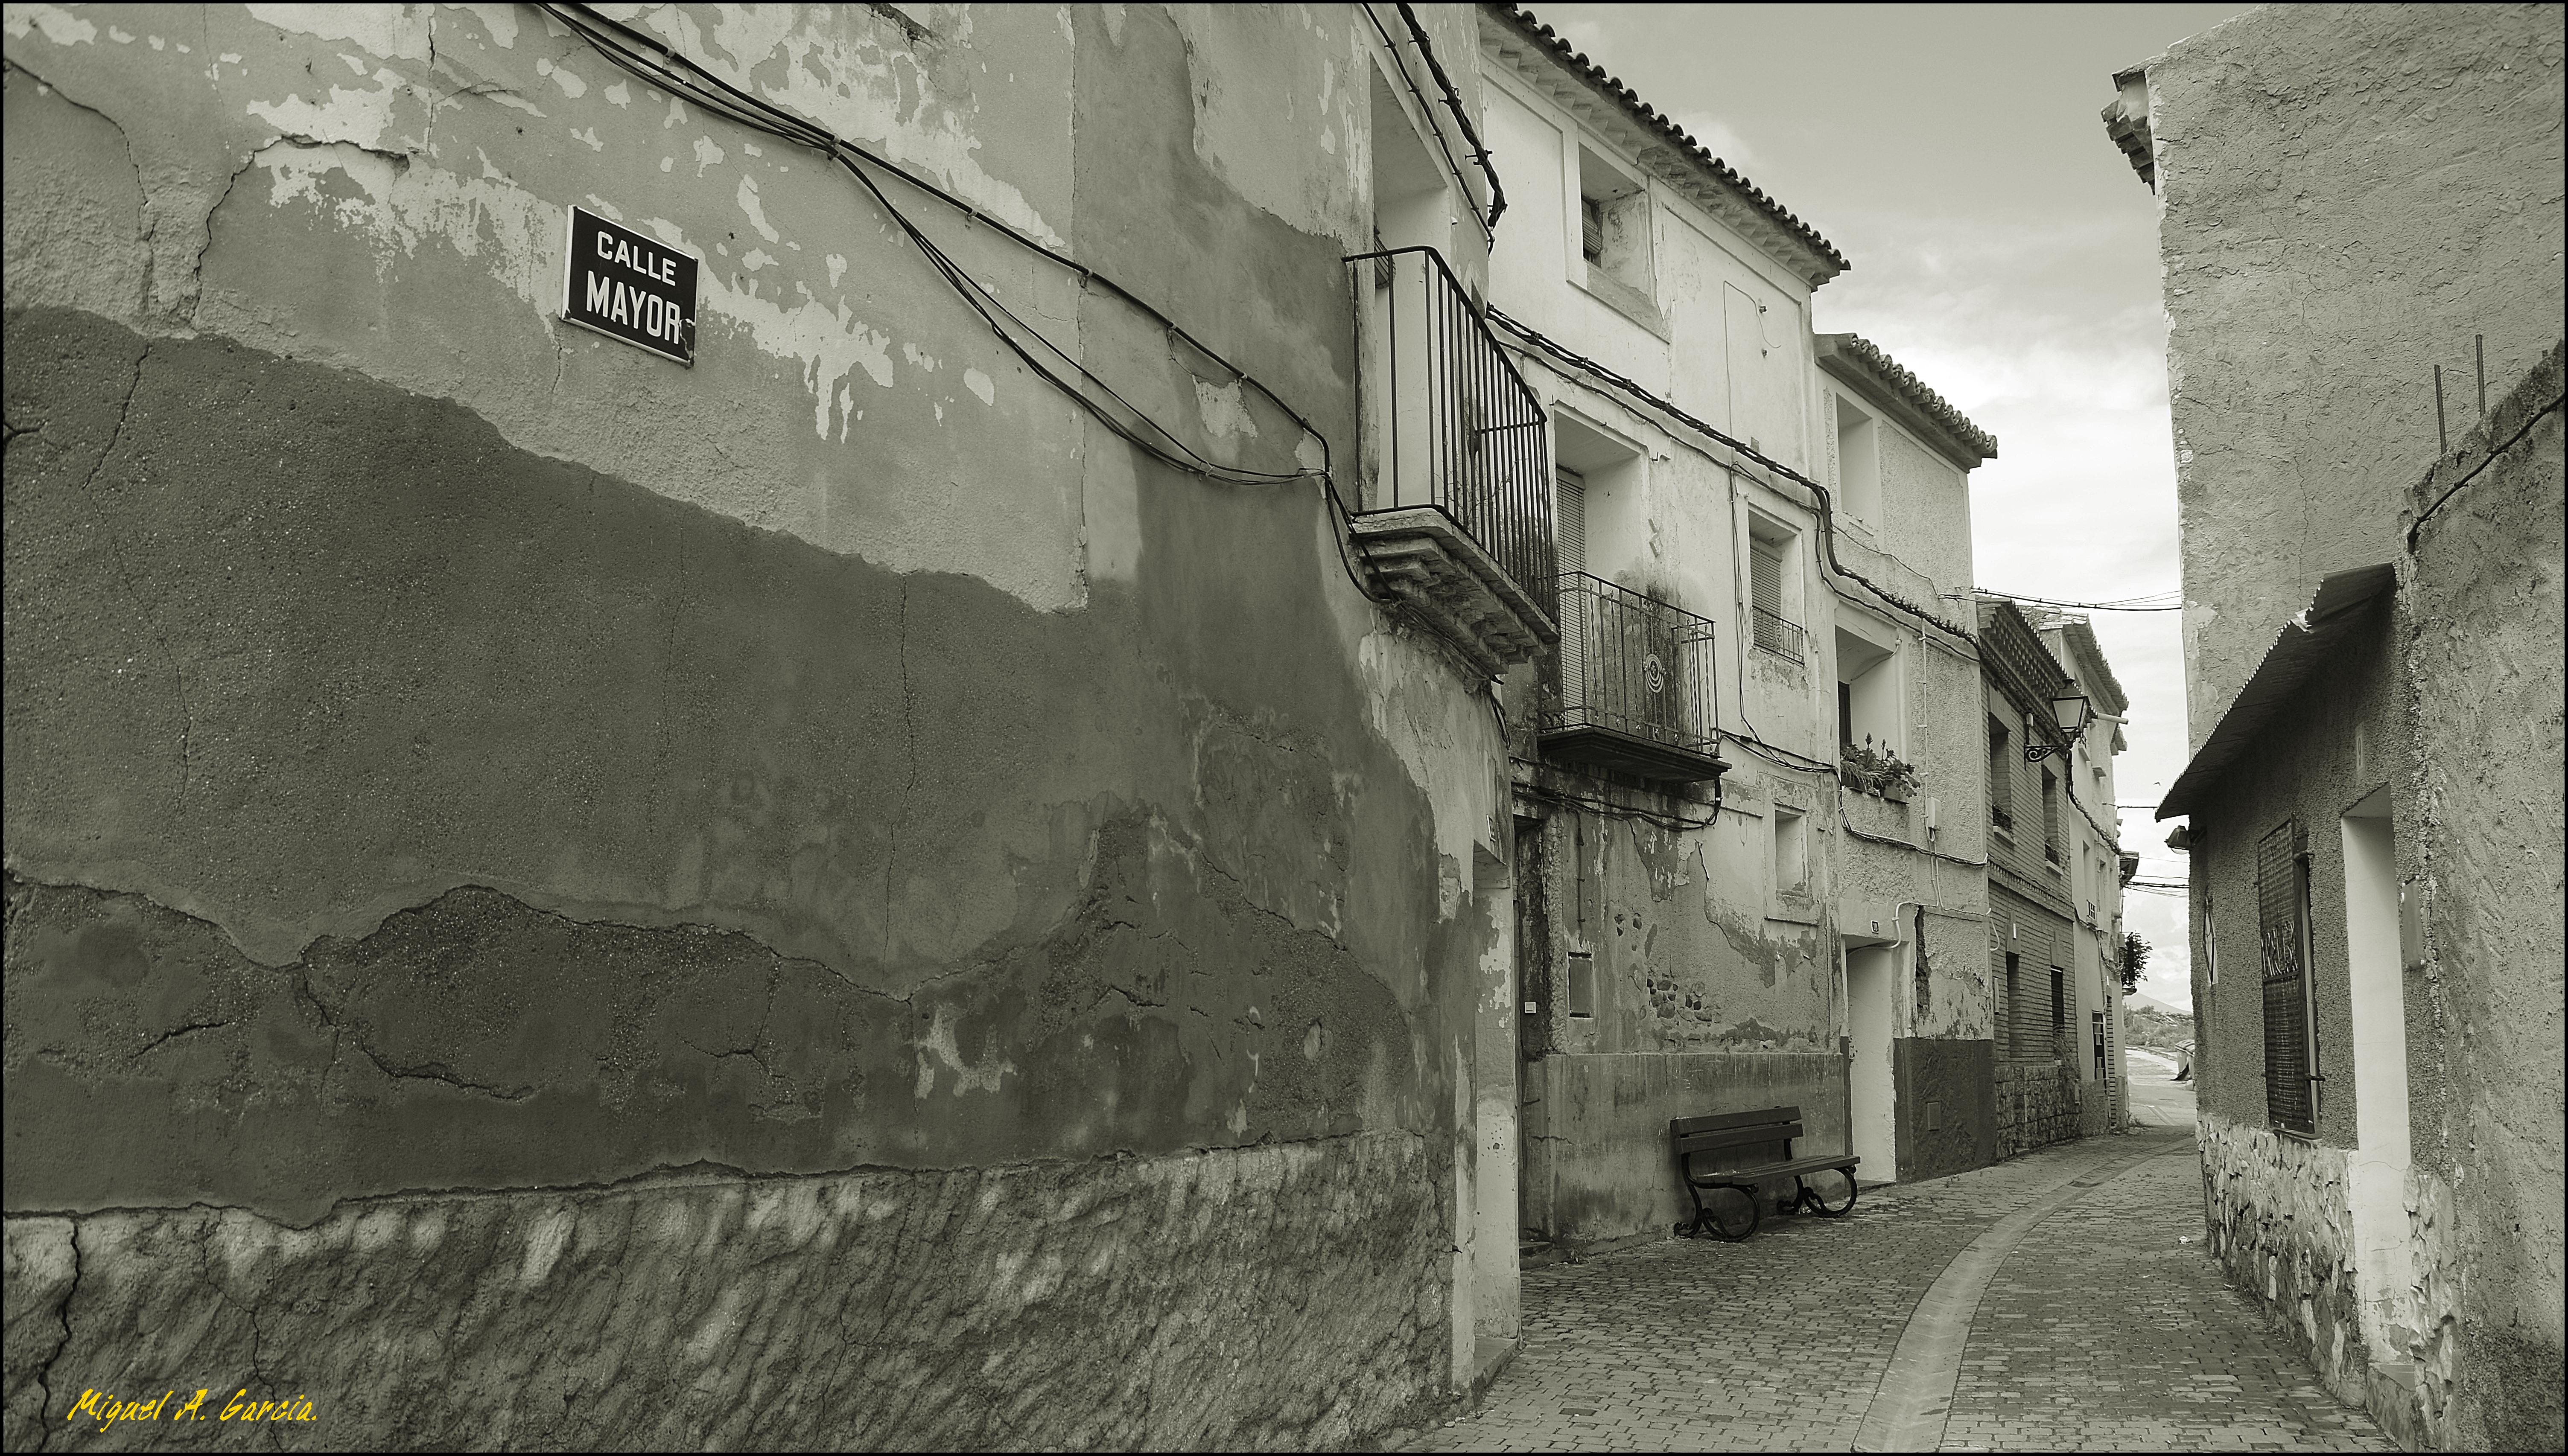 Gambar Hitam Dan Putih Jalan Gang Dinding Satu